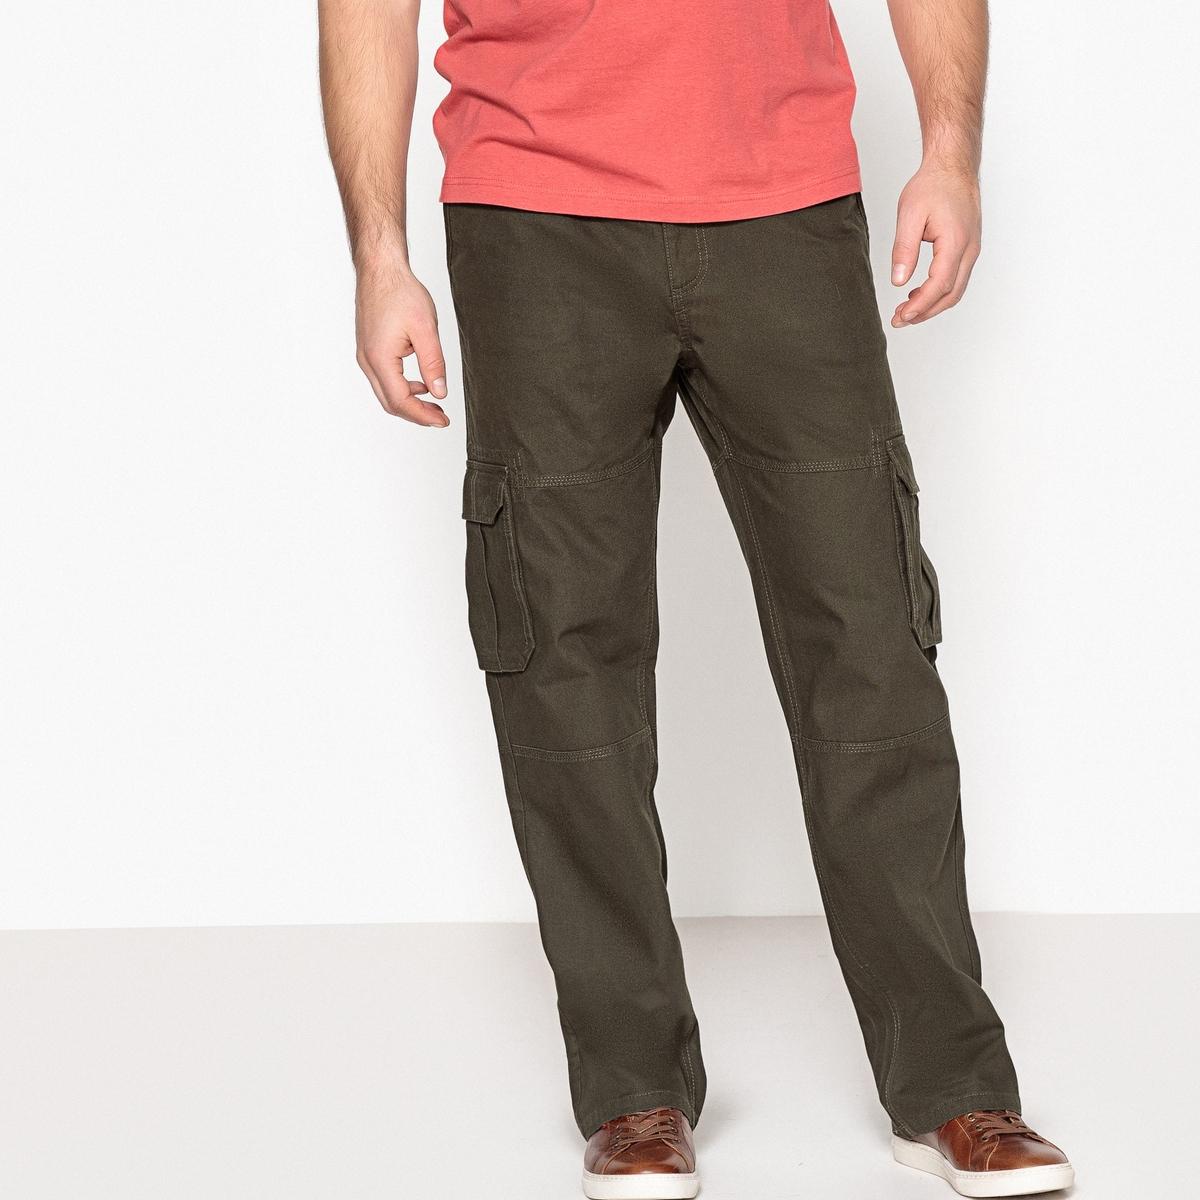 Pantaloni cargo, vita elasticizzata